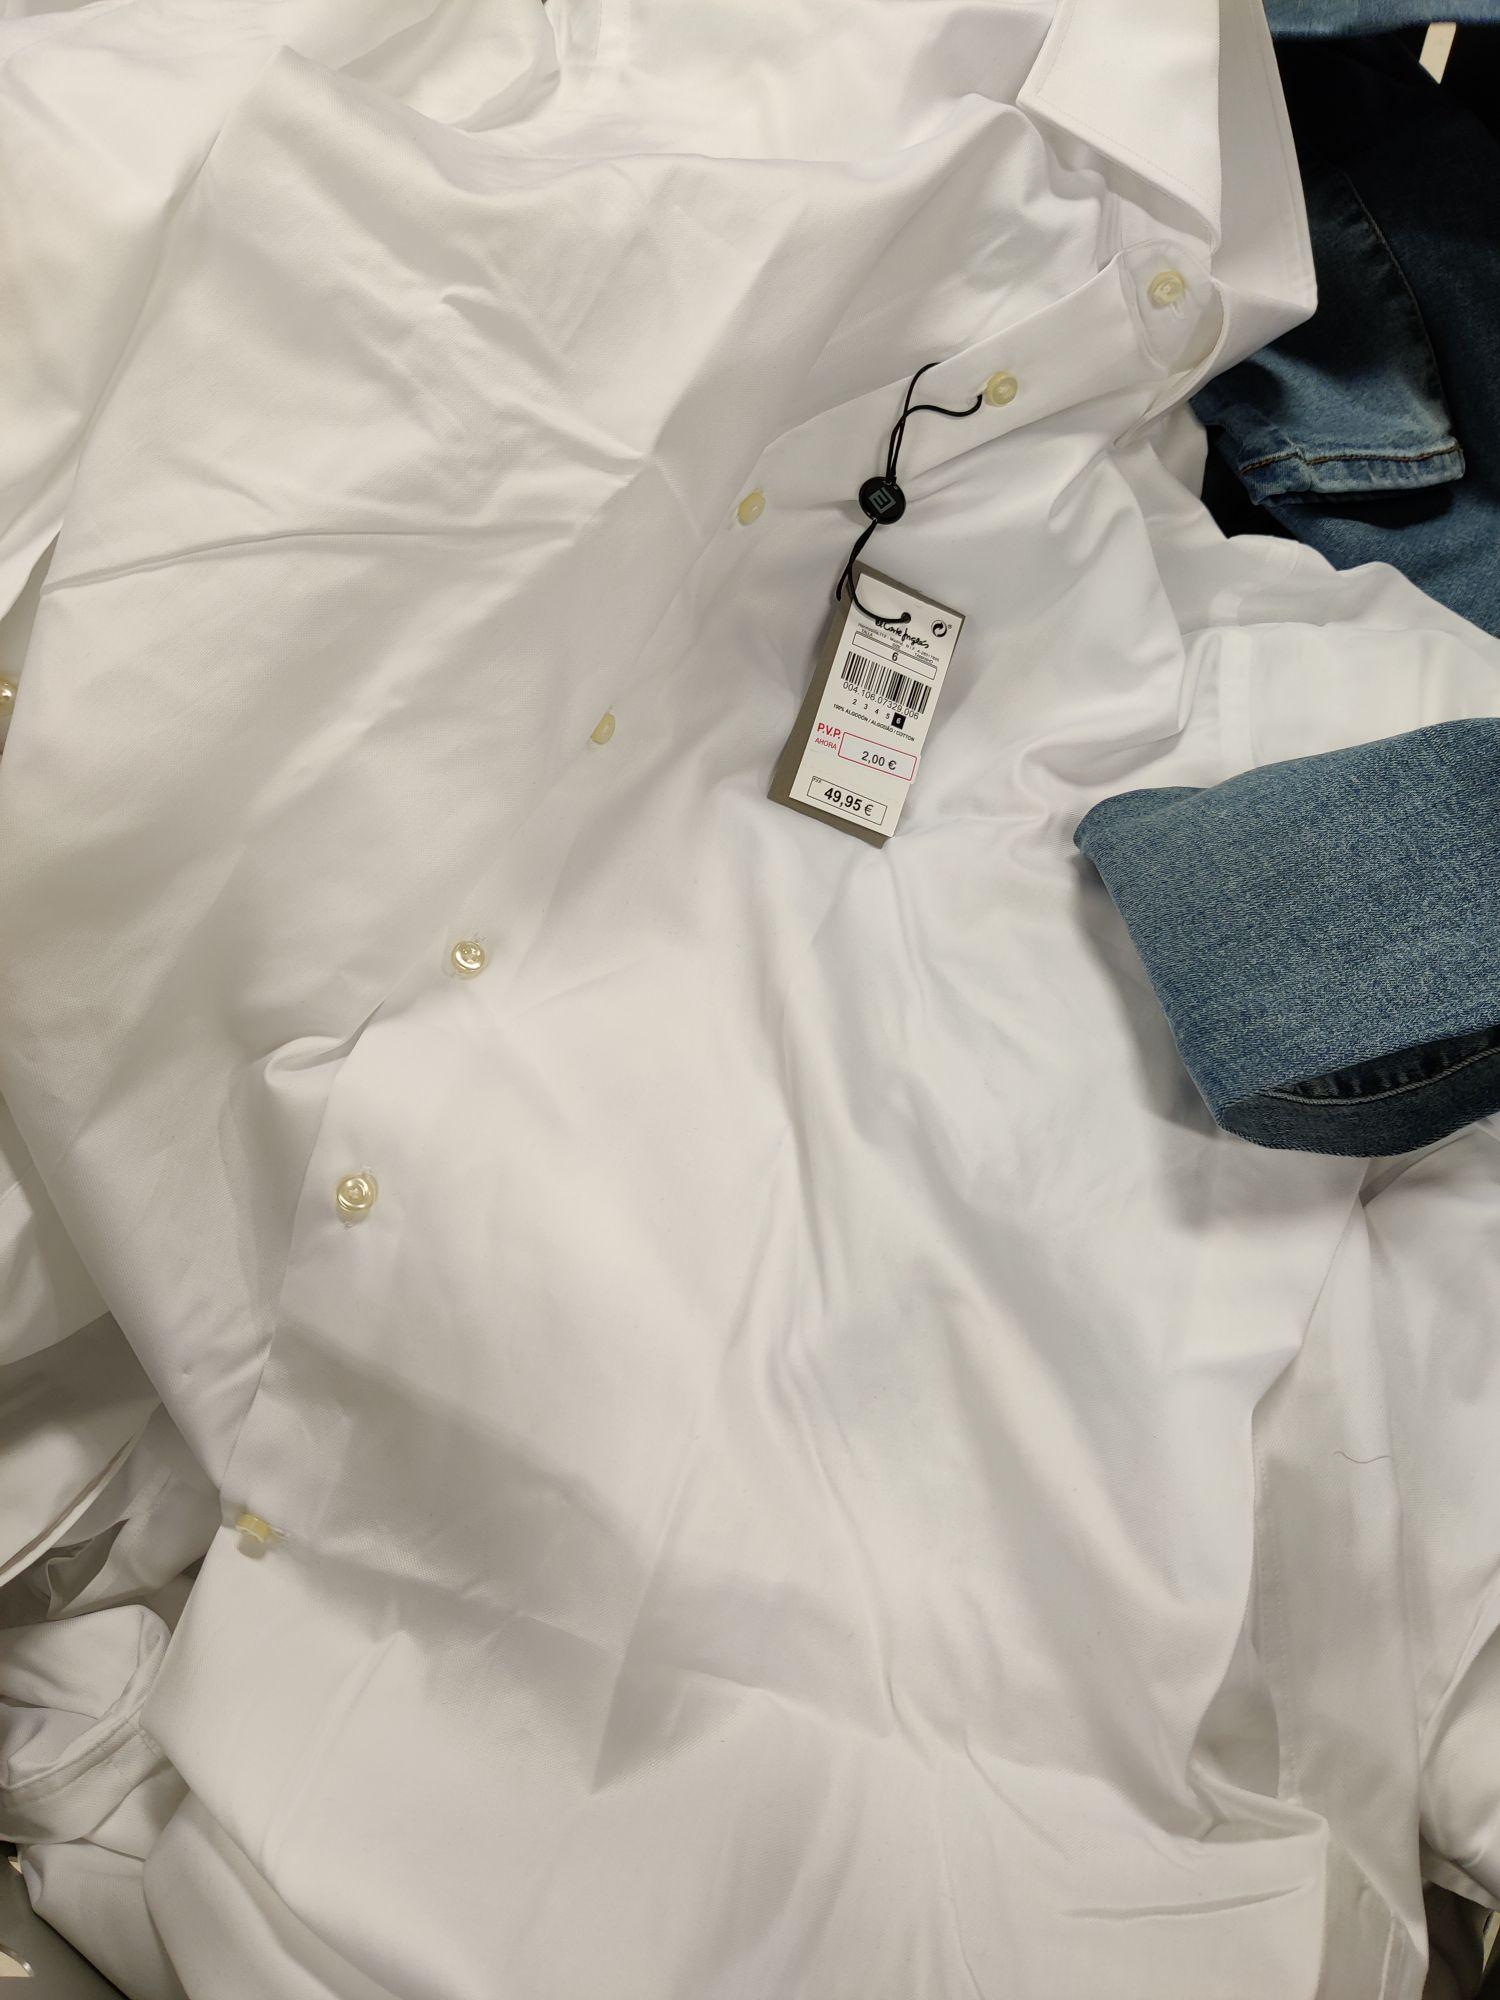 Camisas Emidio Tucci en Outlet San Vicente del Raspeig